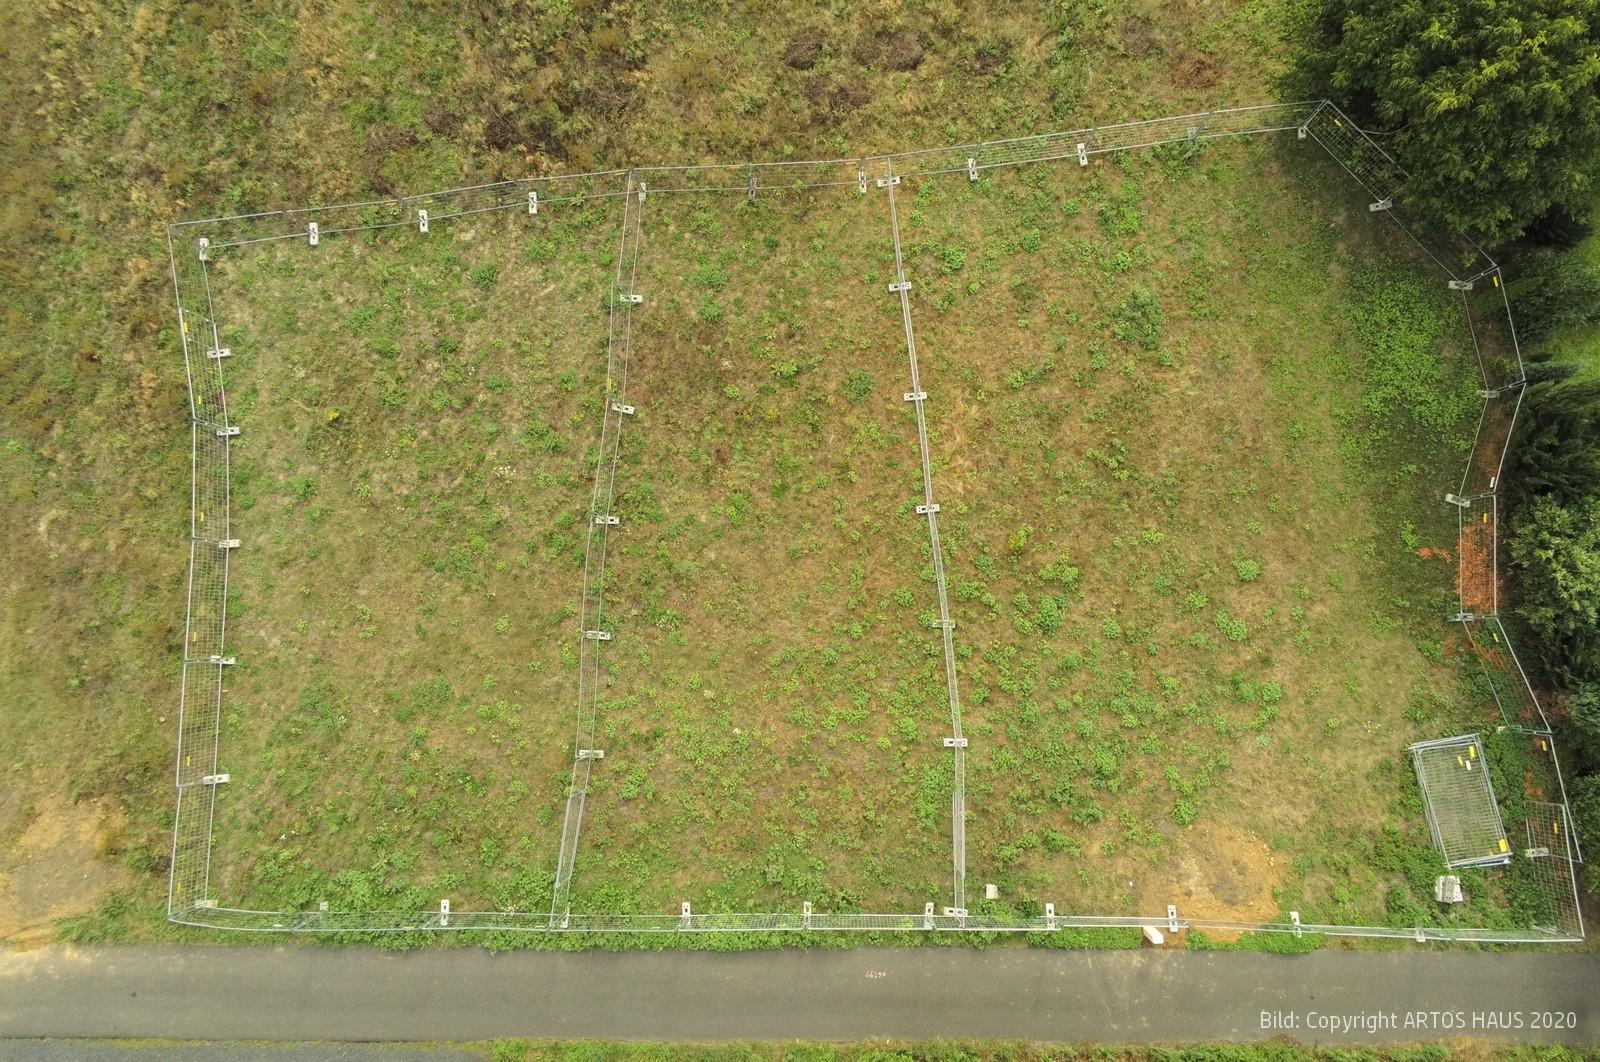 ARTOS-HAUS Bauvorhaben, das rd. 1800 m² Grundstueck aus der Luft